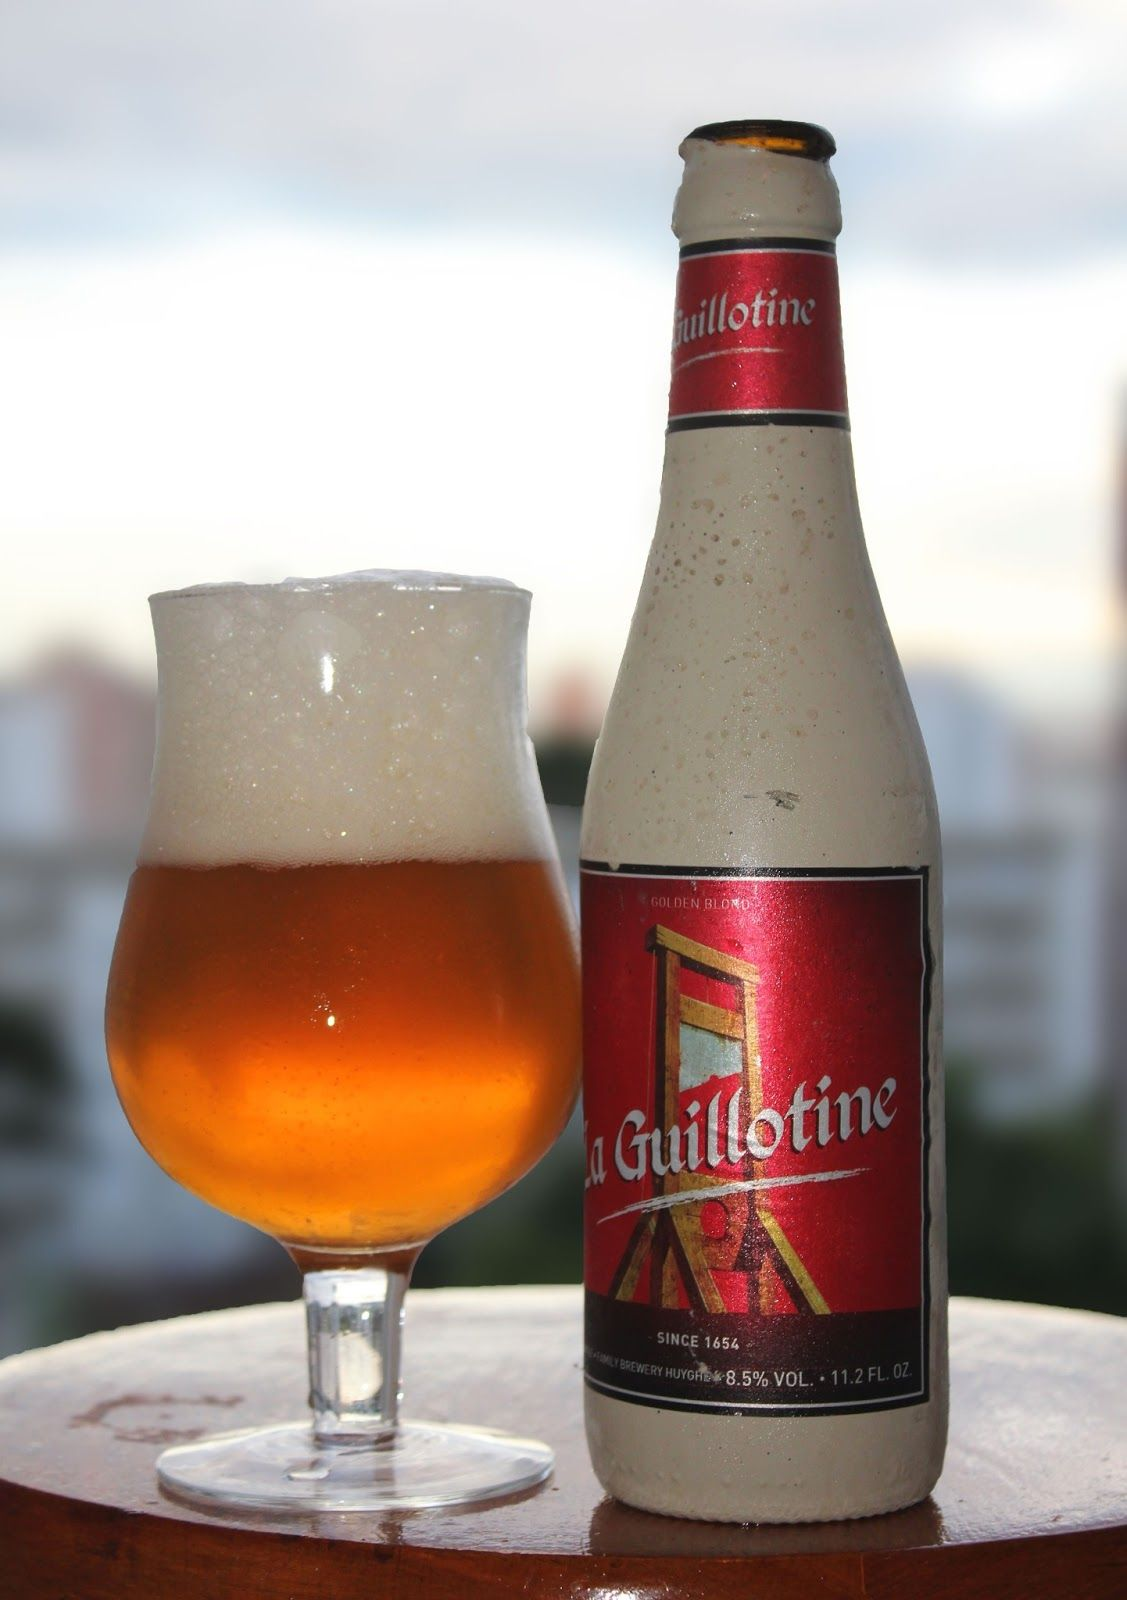 La Guillotine beer | Drink | Beer, Belgian beer, Beer bottle